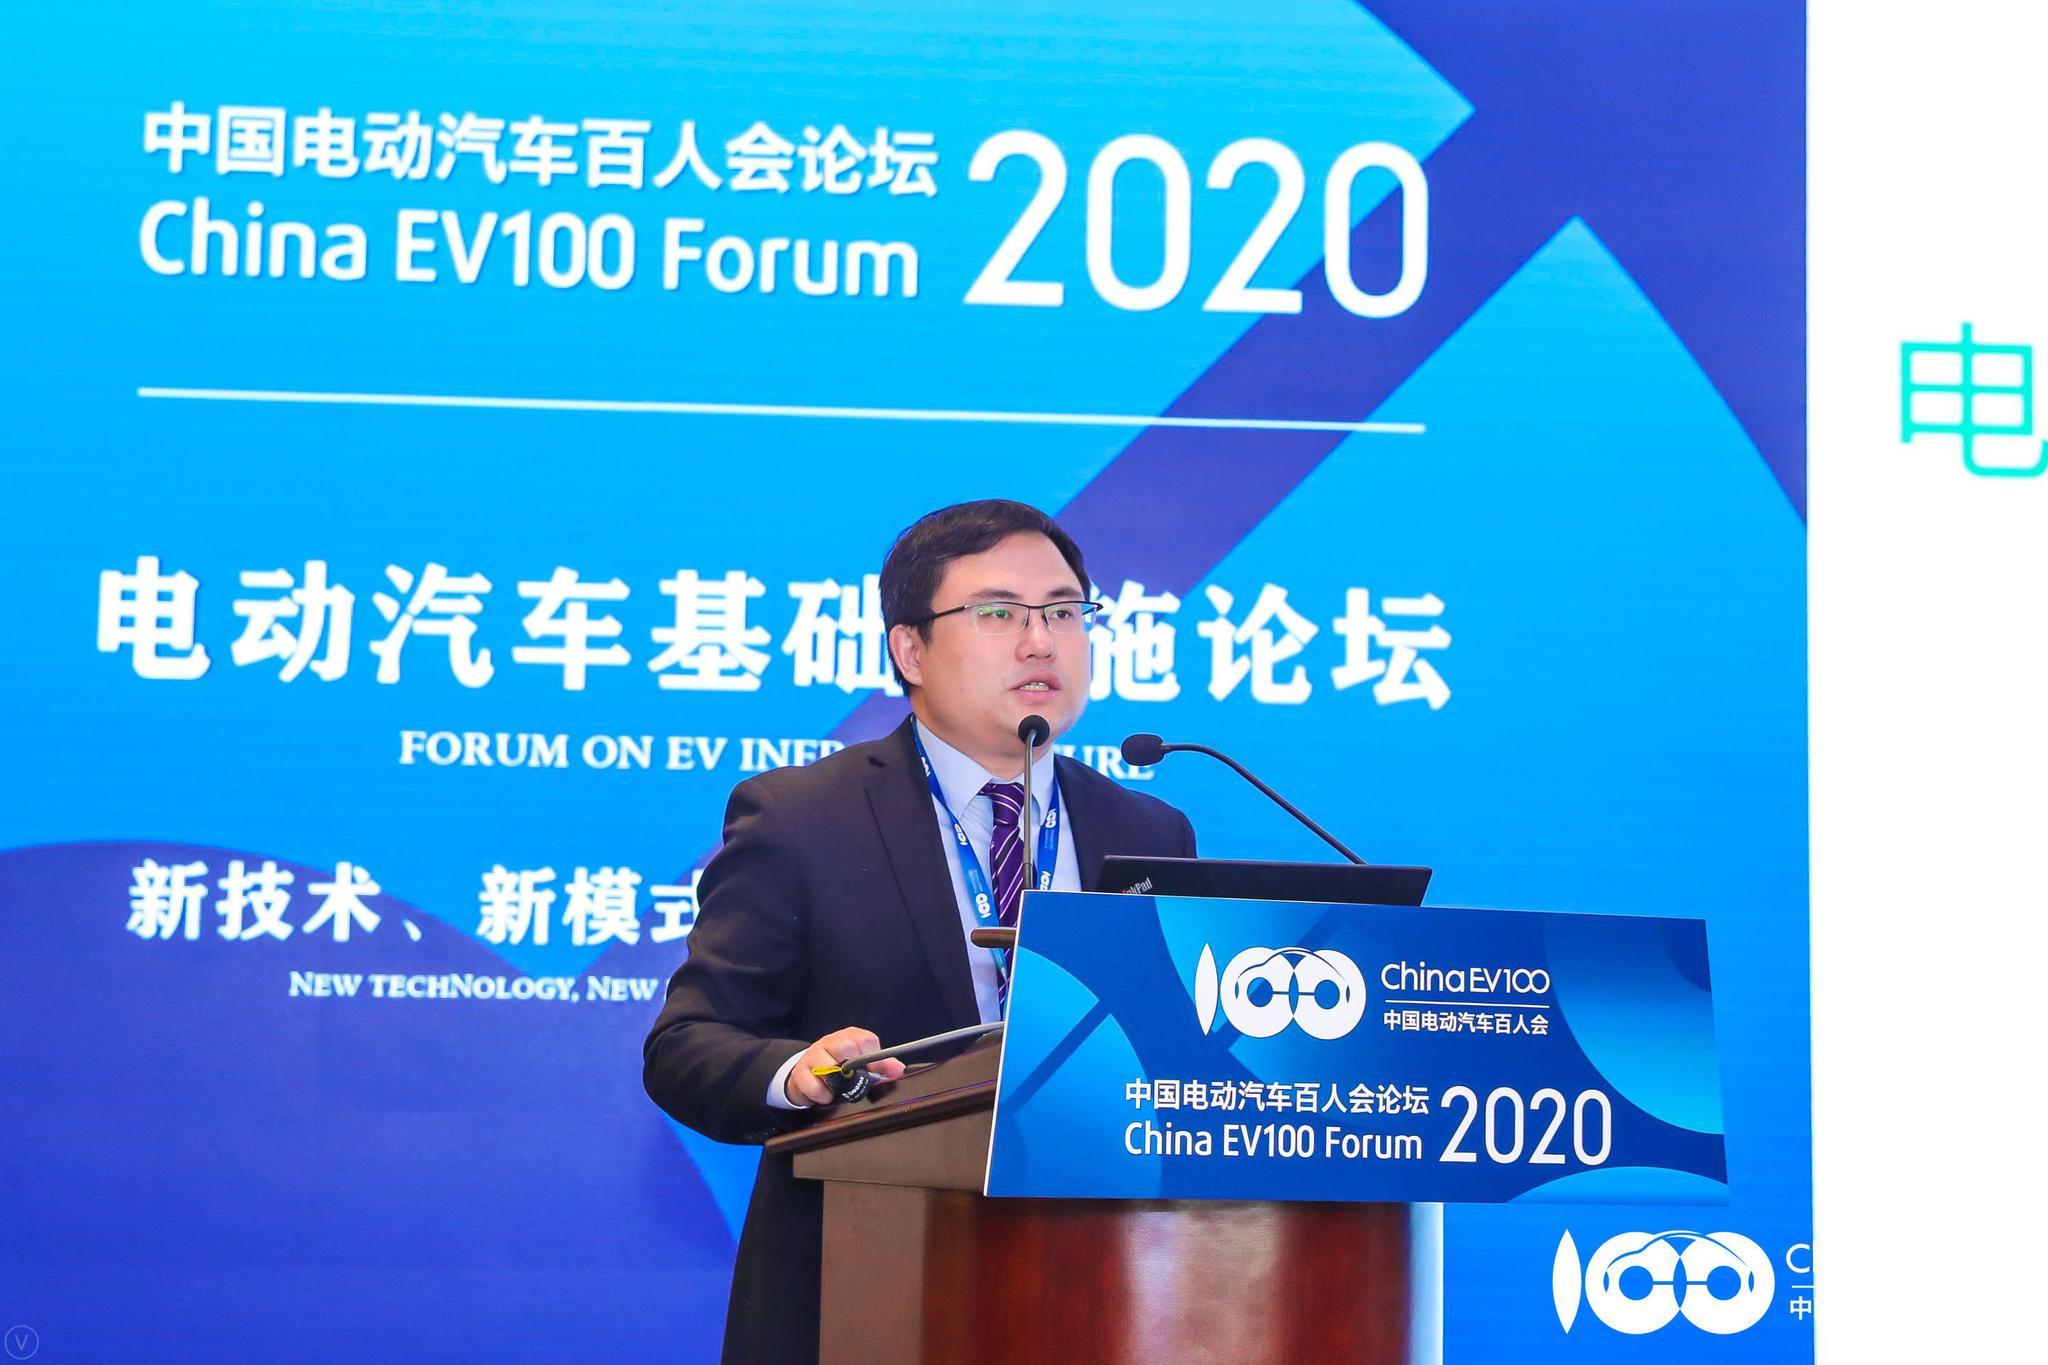 郑庆荣:明年拟将电动汽车充电桩纳入虚拟电厂的调控资源图片